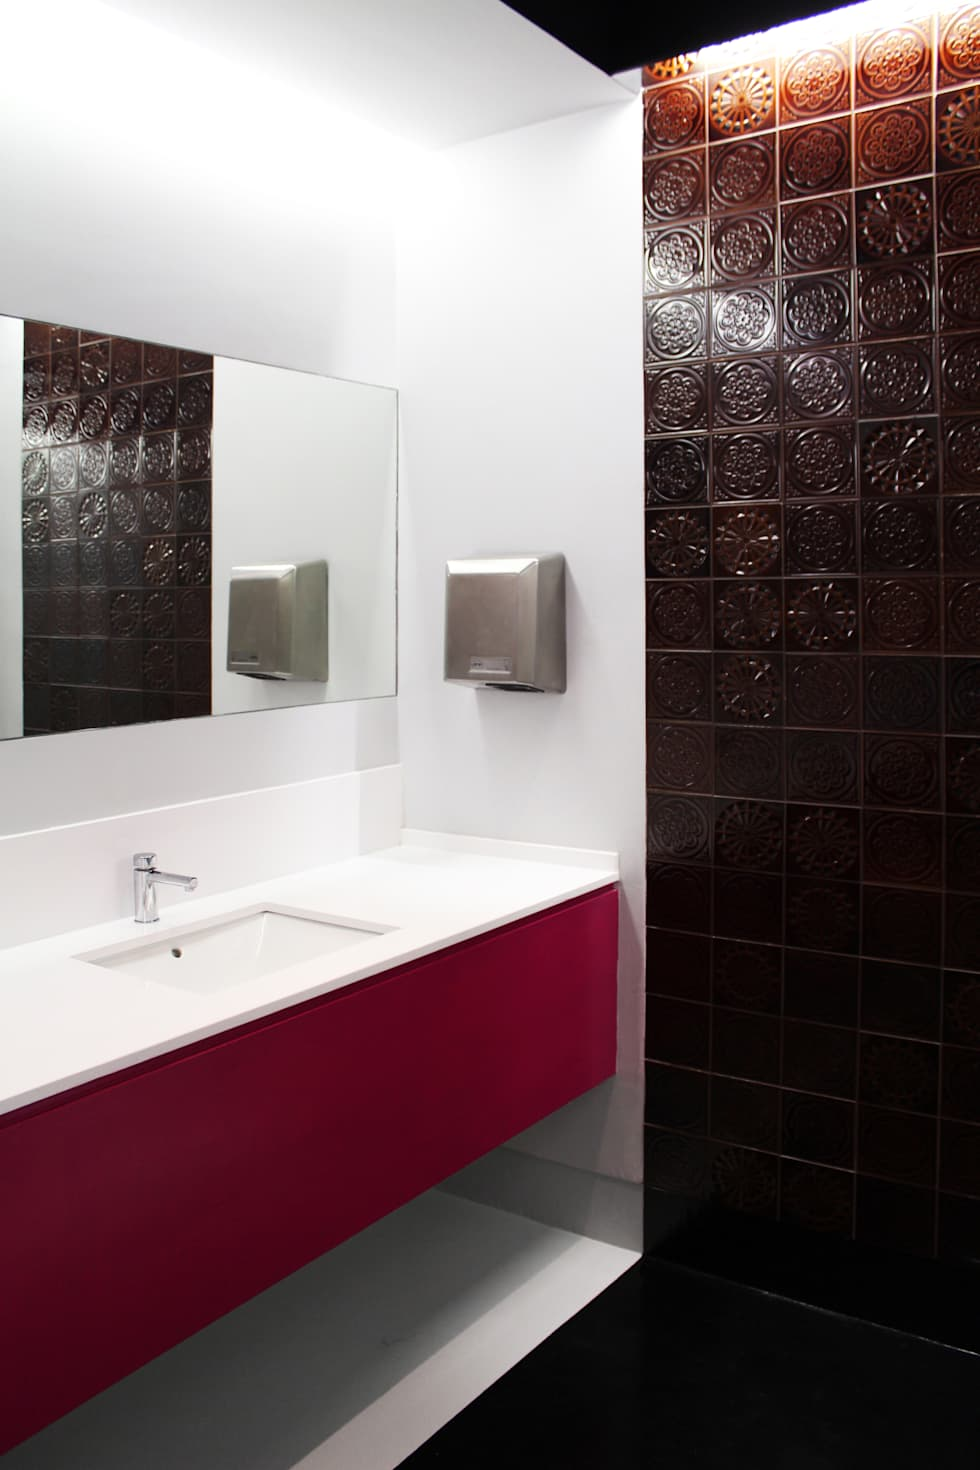 Pormenor da bancada de lavatórios.: Ginásios ecléticos por Estúdio AMATAM